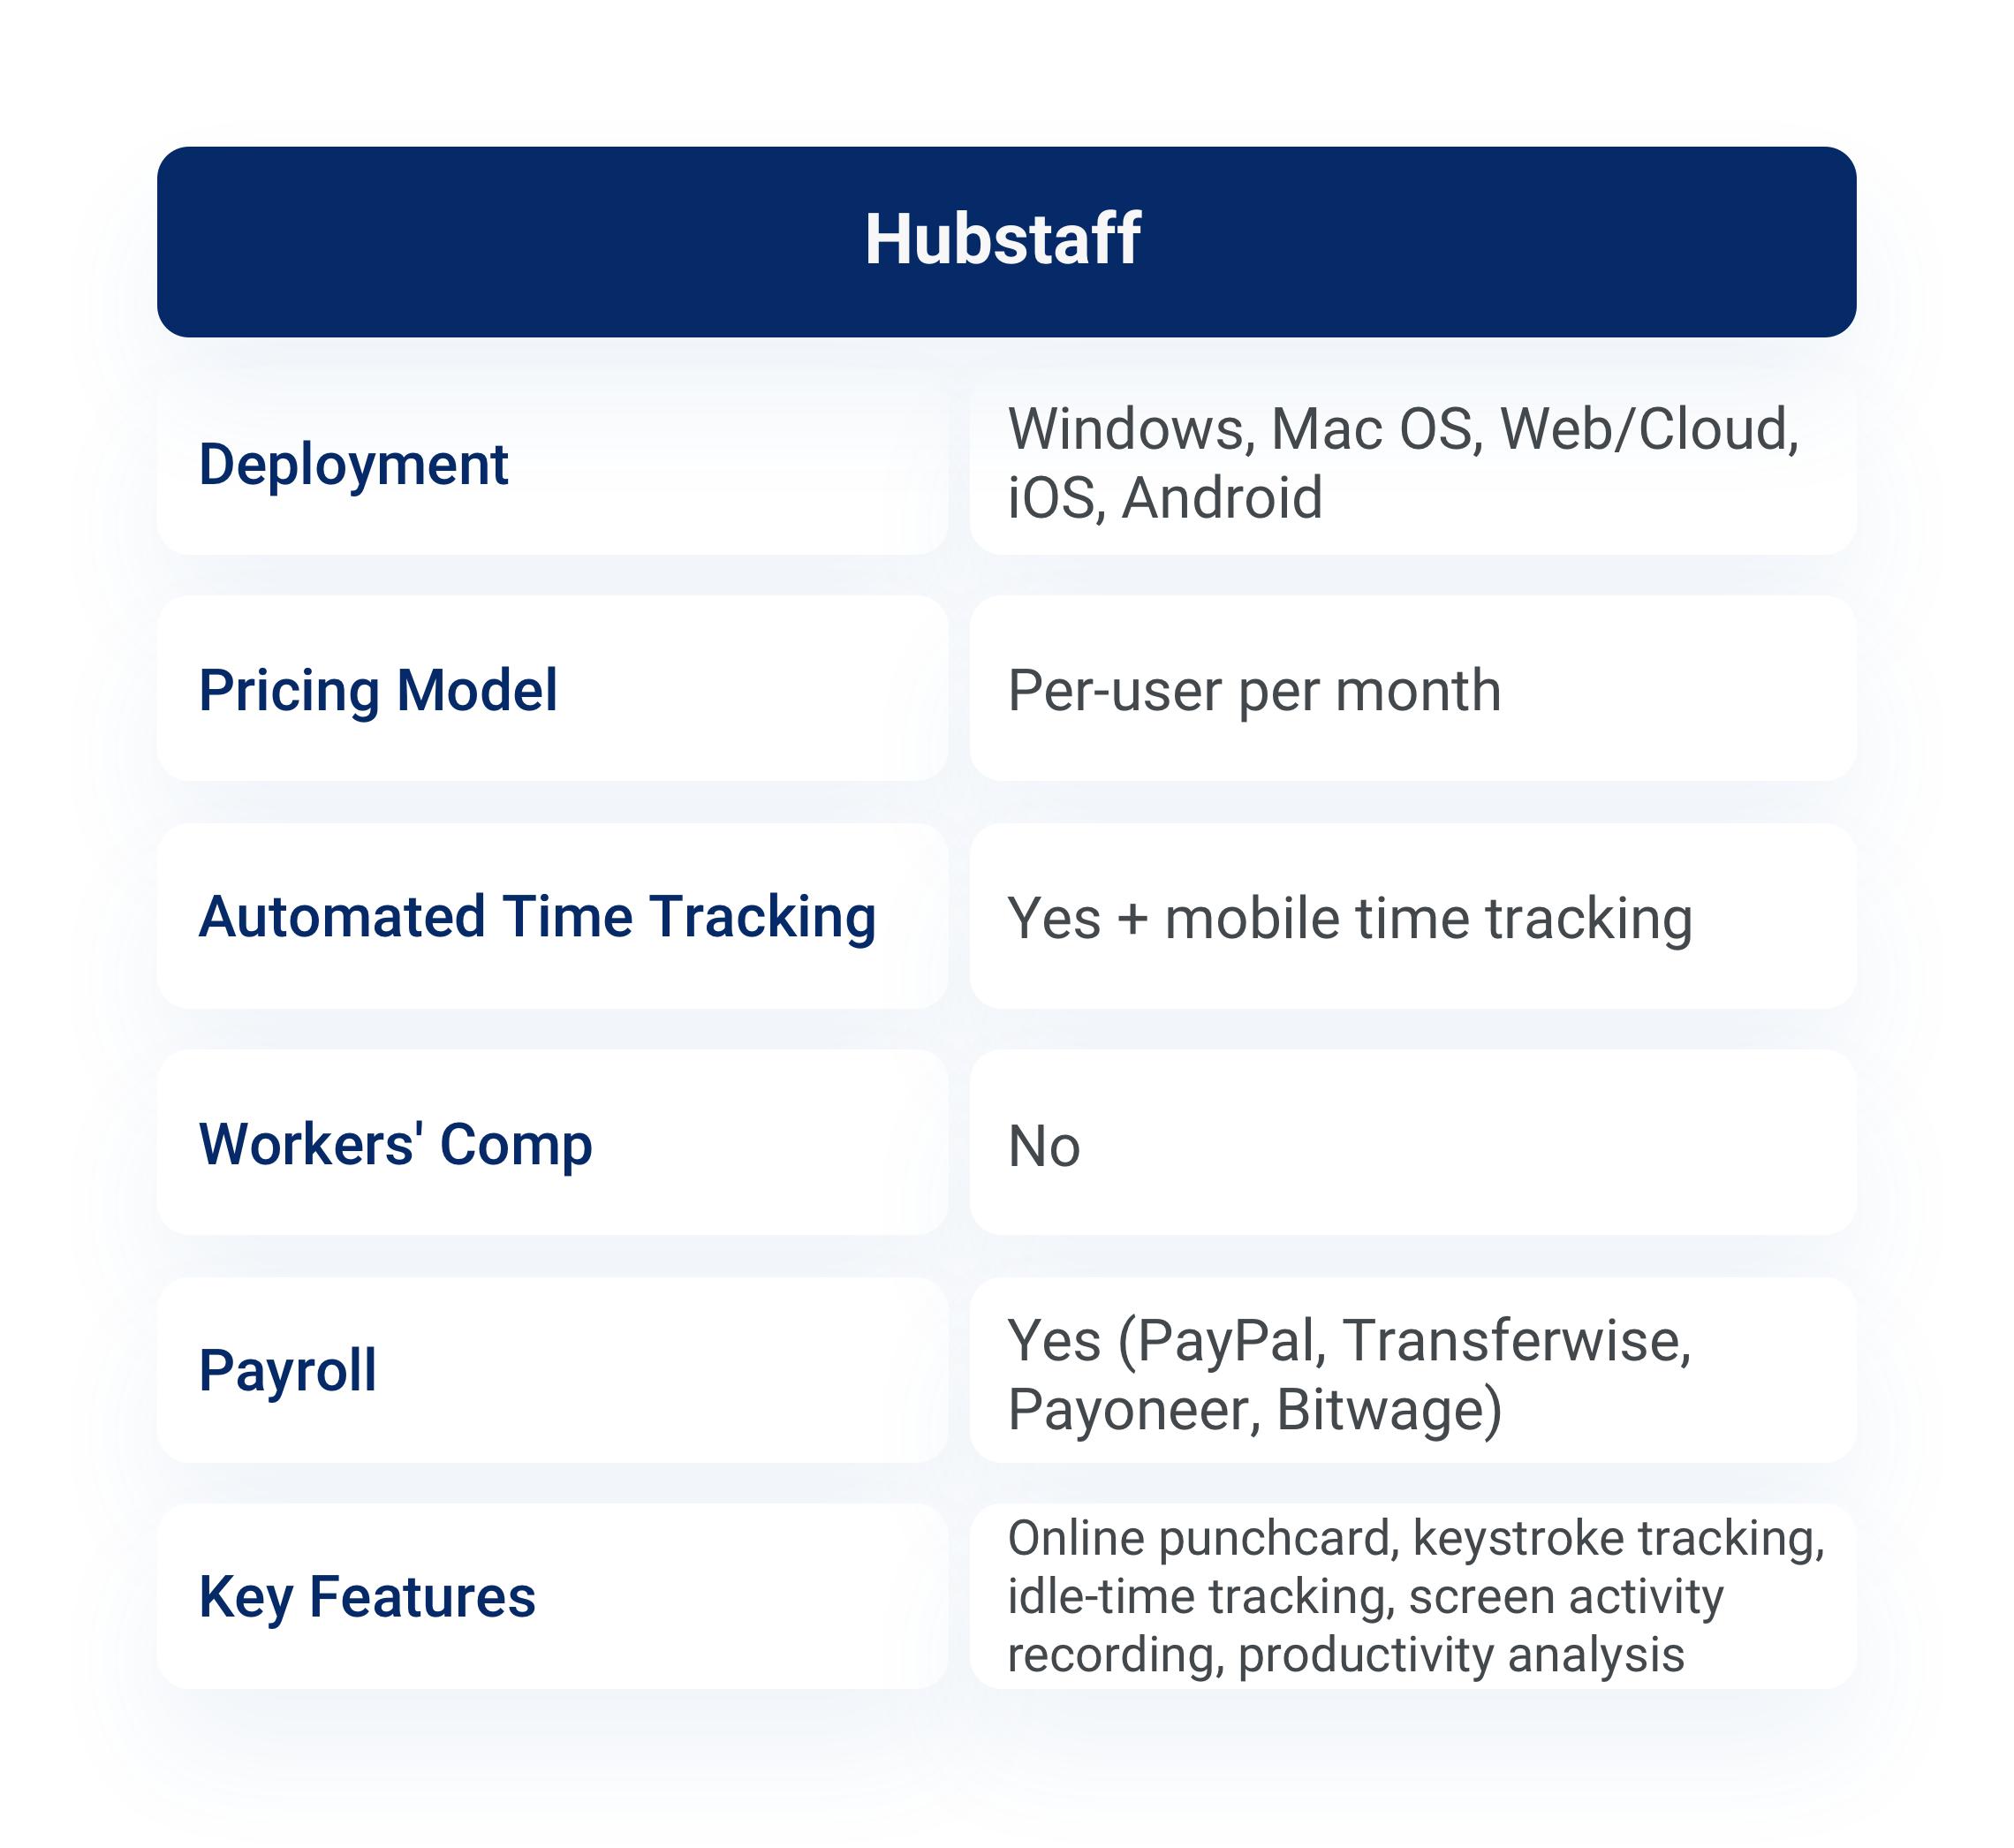 Hubstaff product description